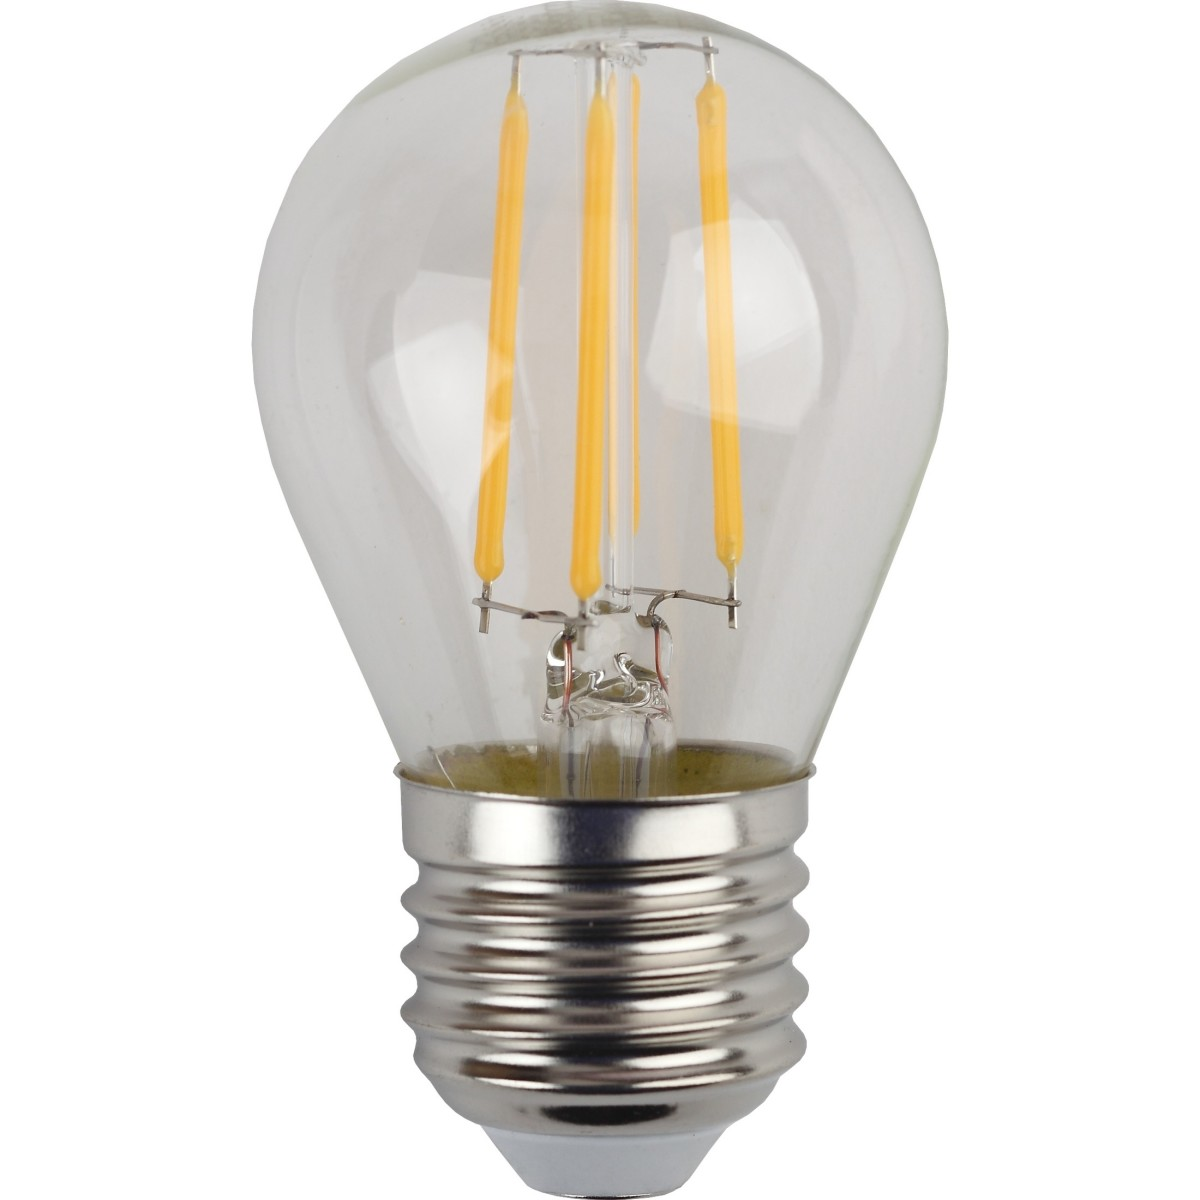 Лампа Эра  5 Вт шар 515 Лм теплый